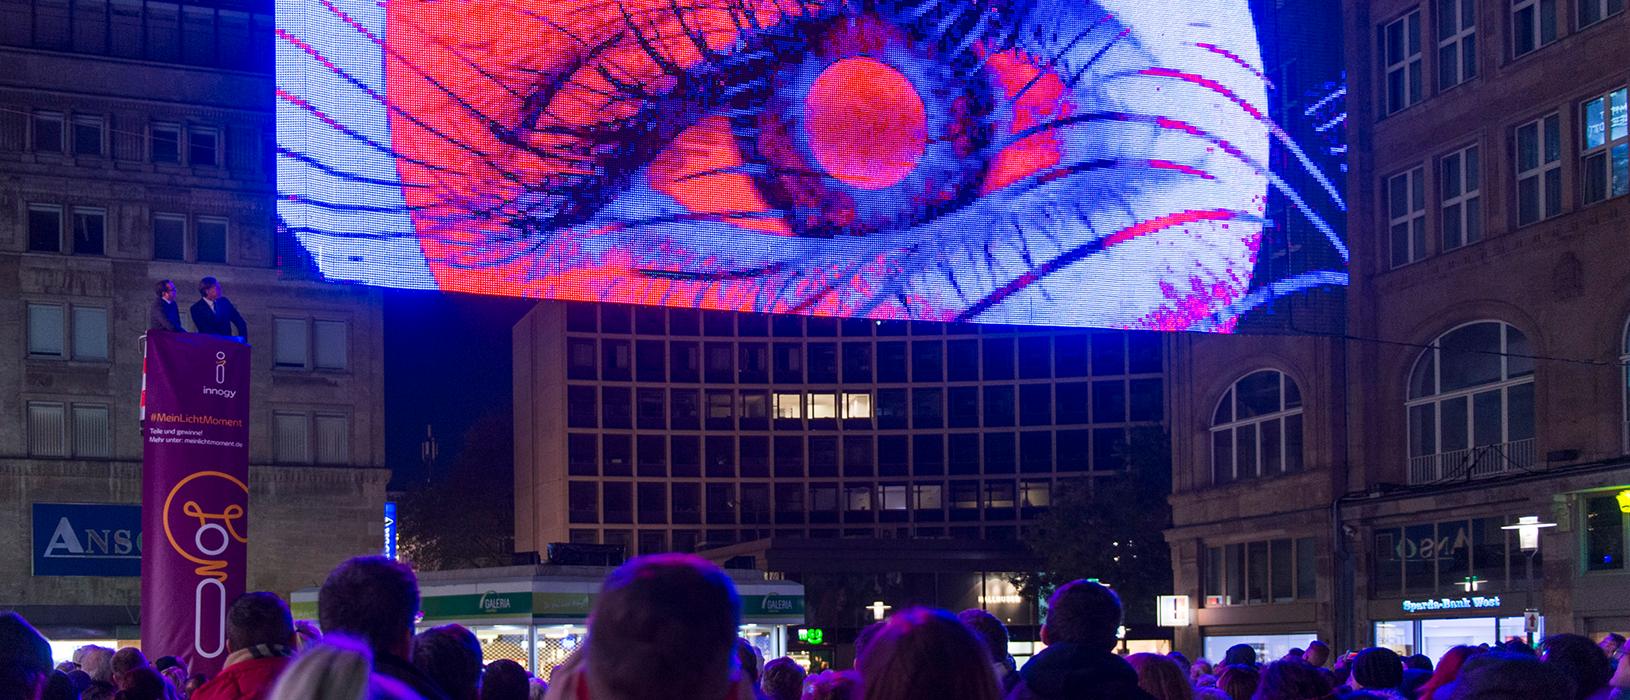 Die Lichtwochen in Essen werden 2017 zum besonderen Hingucker. Foto: Kirsten Neumann